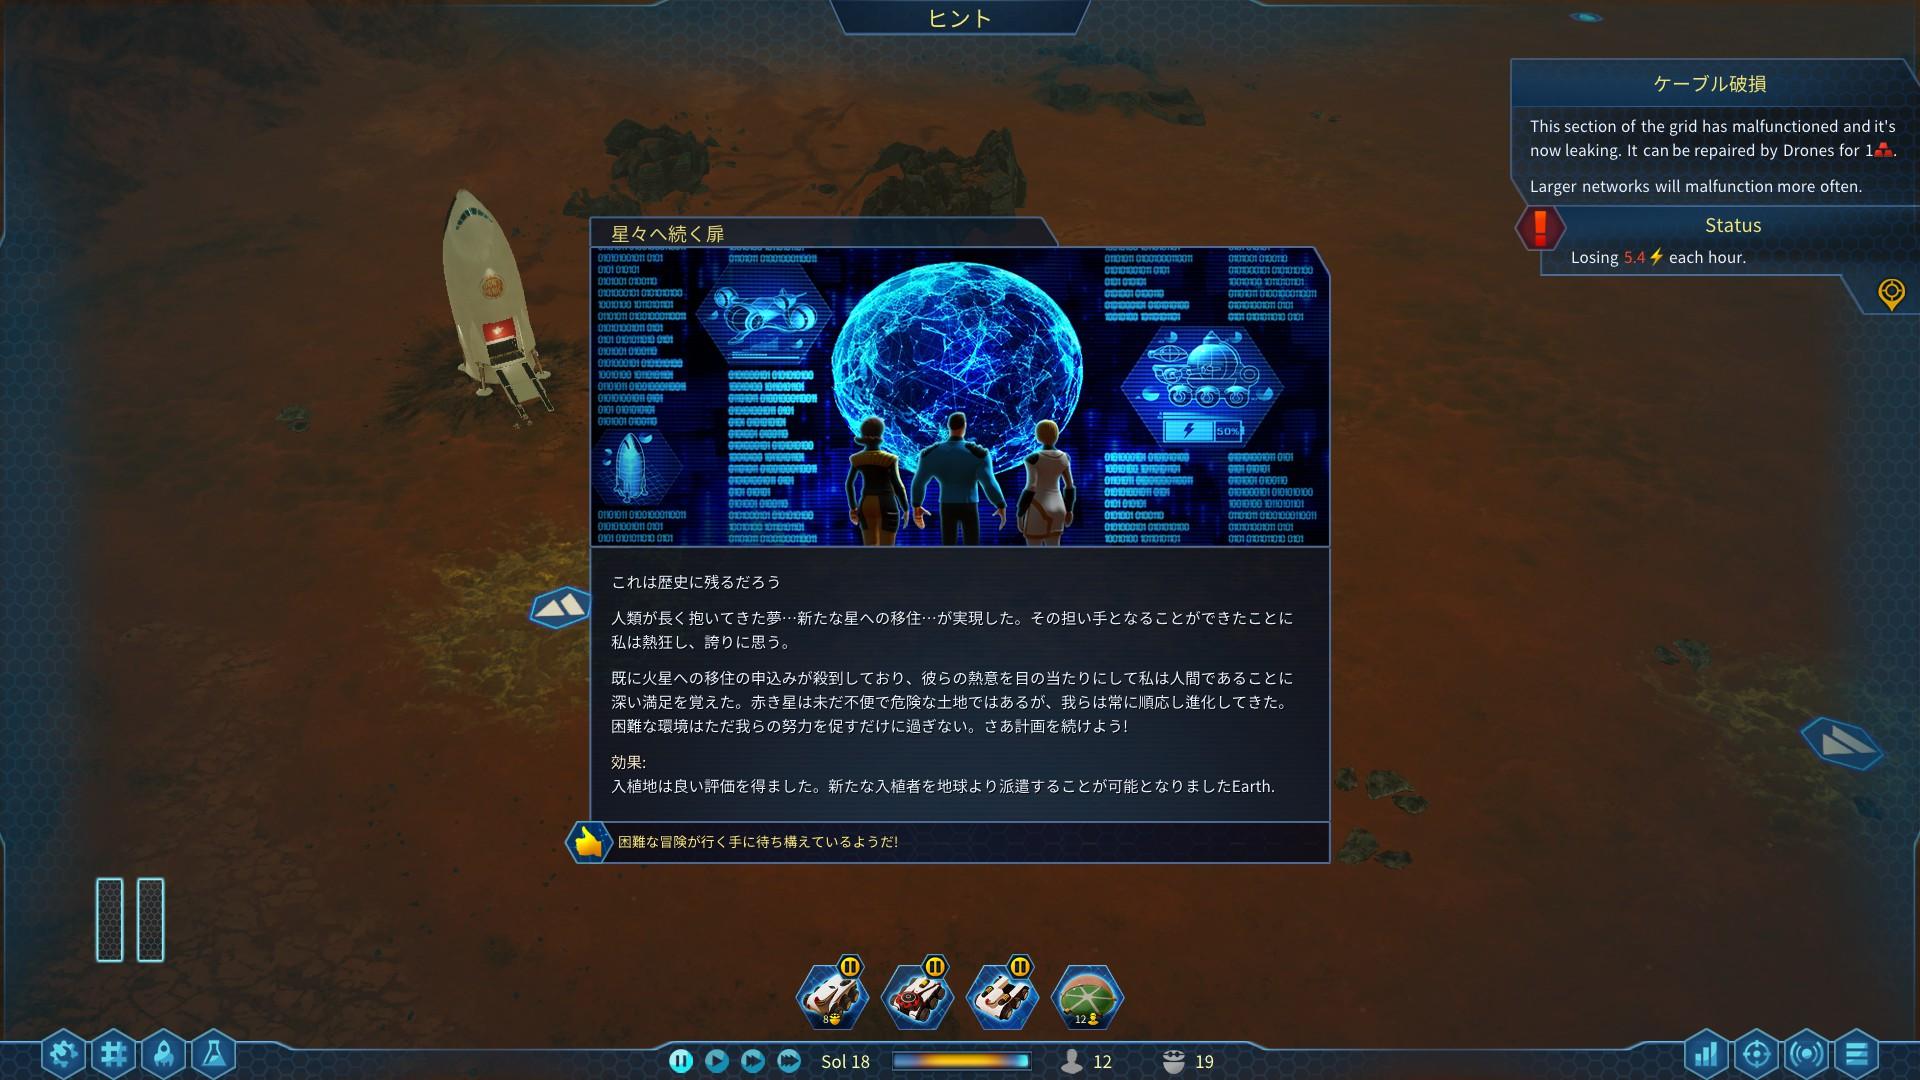 f:id:karinchan:20180318020708j:plain